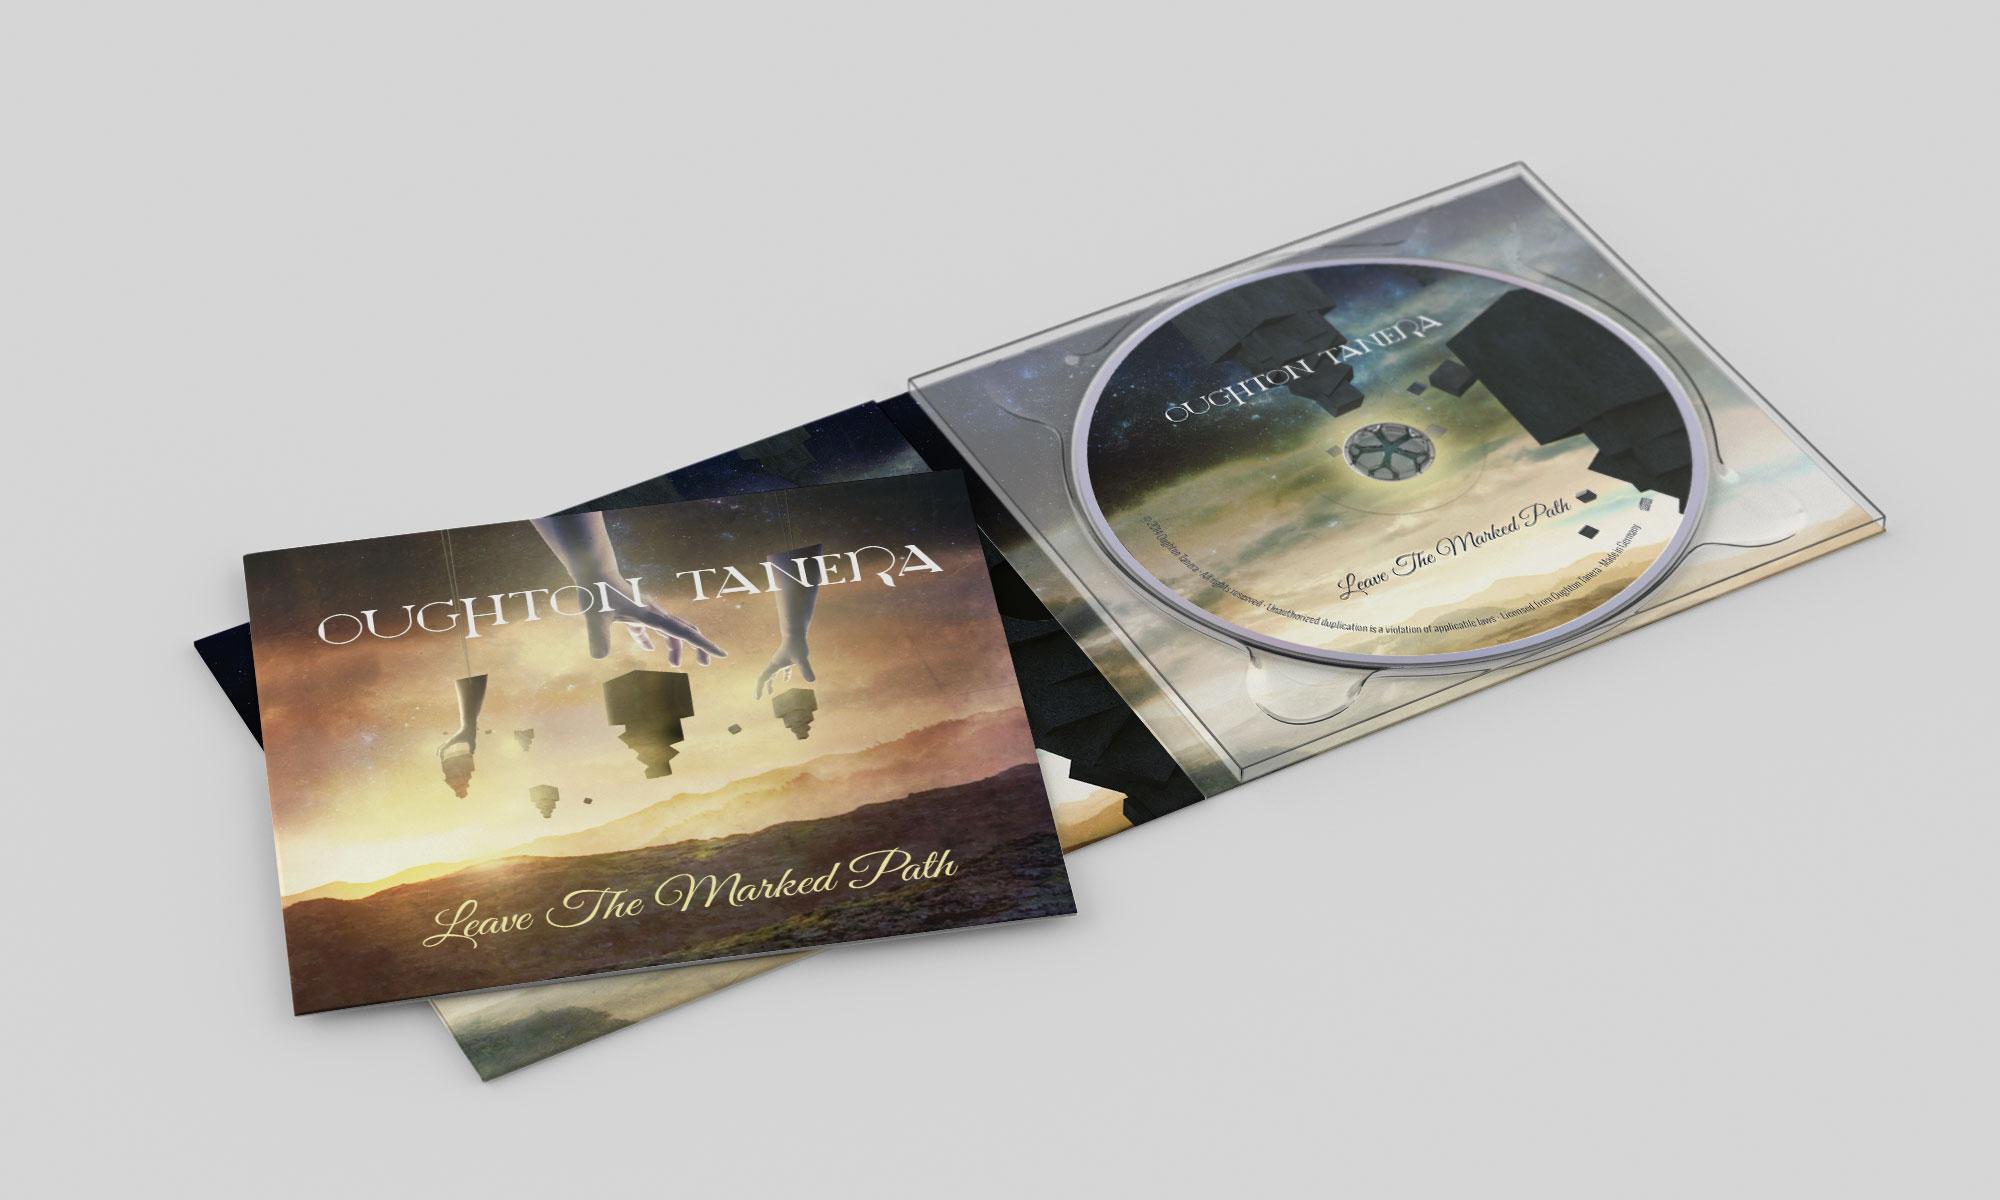 Oughton Tanera - CD Digipak & Booklet